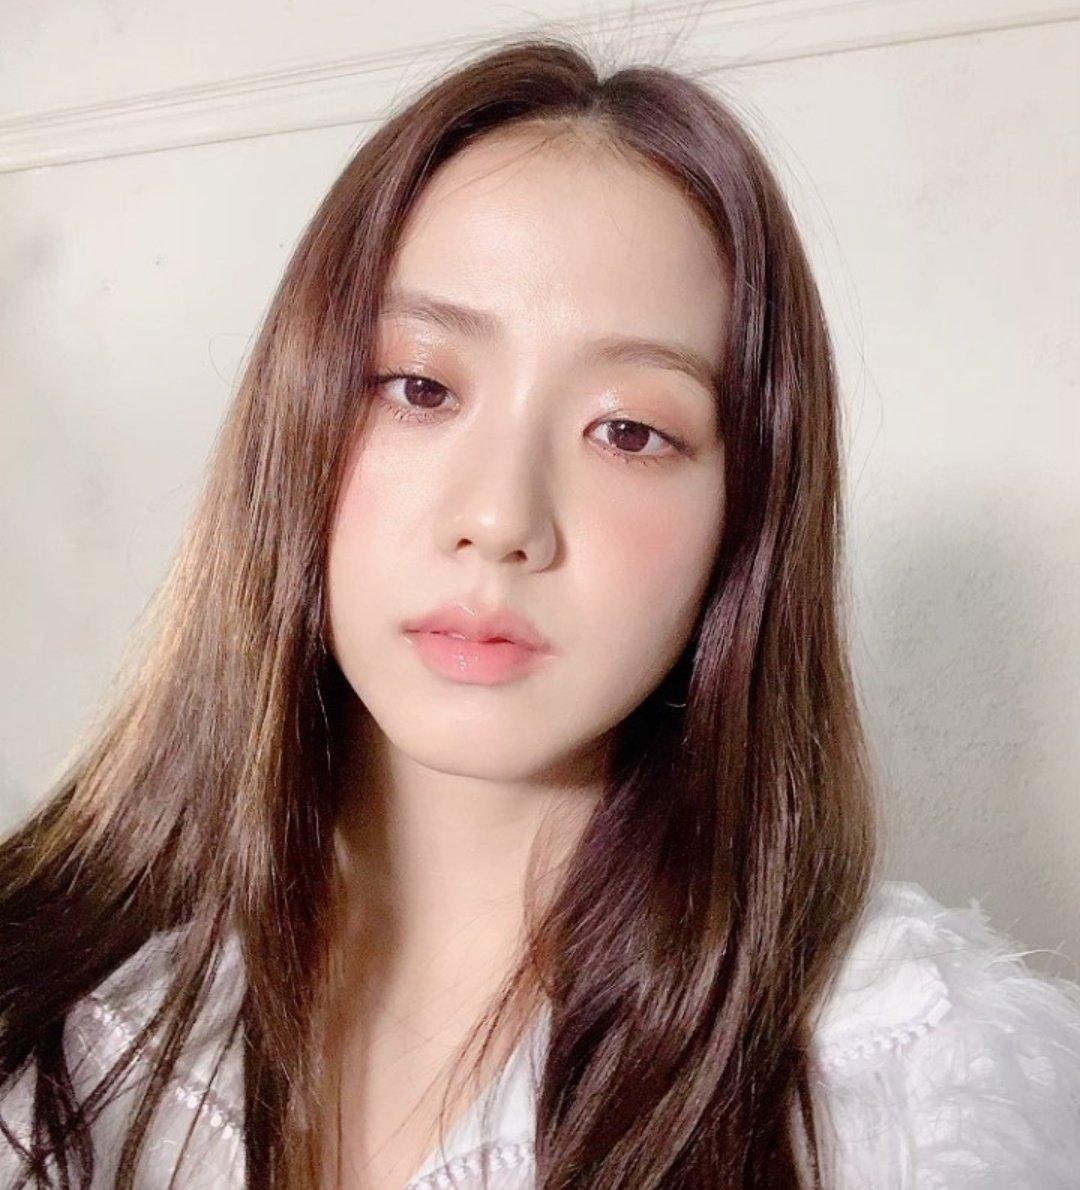 """Loạt makeup look """"đỉnh của chóp"""" từ idol Kpop, nhìn xịn sò là vậy nhưng học theo cũng đâu có khó mấy - Ảnh 2."""